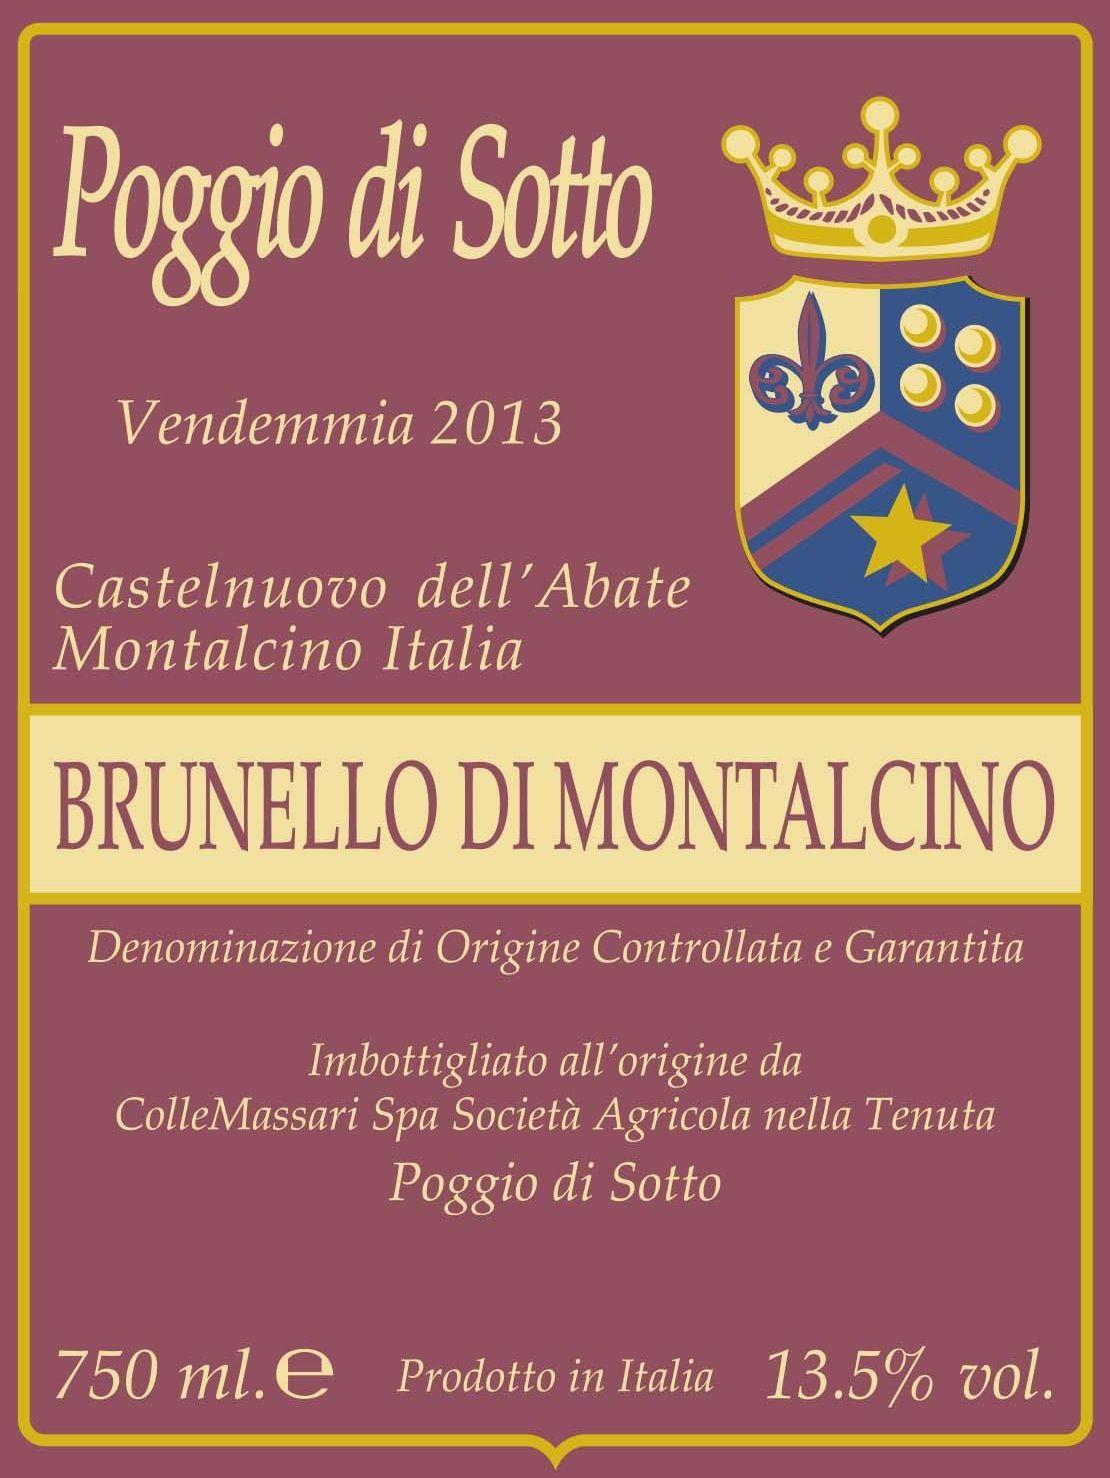 Poggio di Sotto Brunello di Montalcino 2013